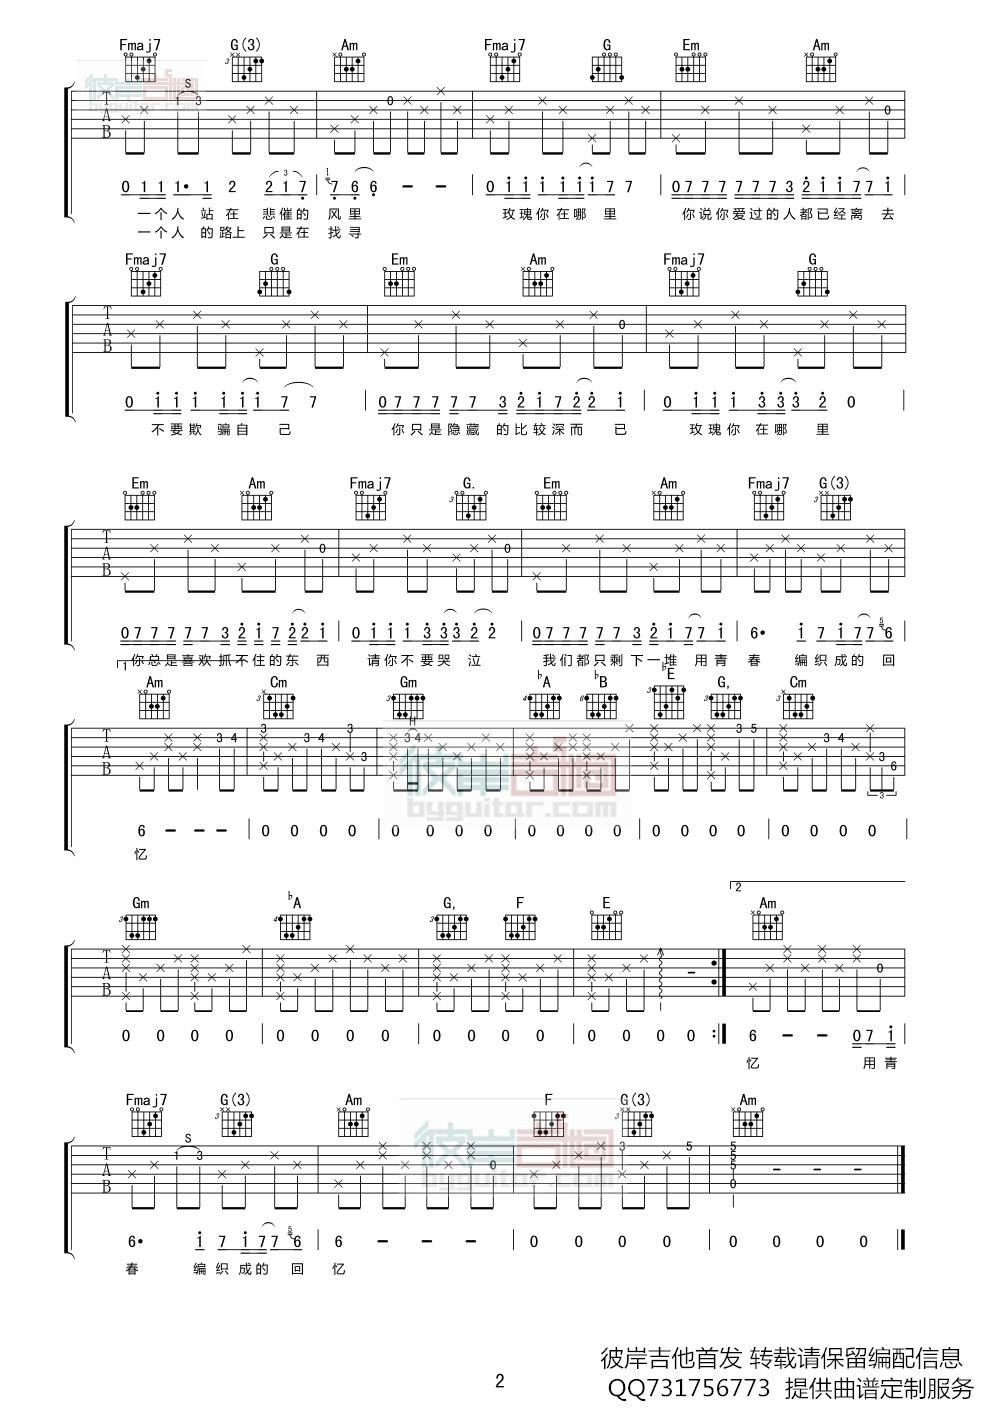 玫瑰的吉他谱 贰佰 - 彼岸吉他中国第一吉他网络杂志